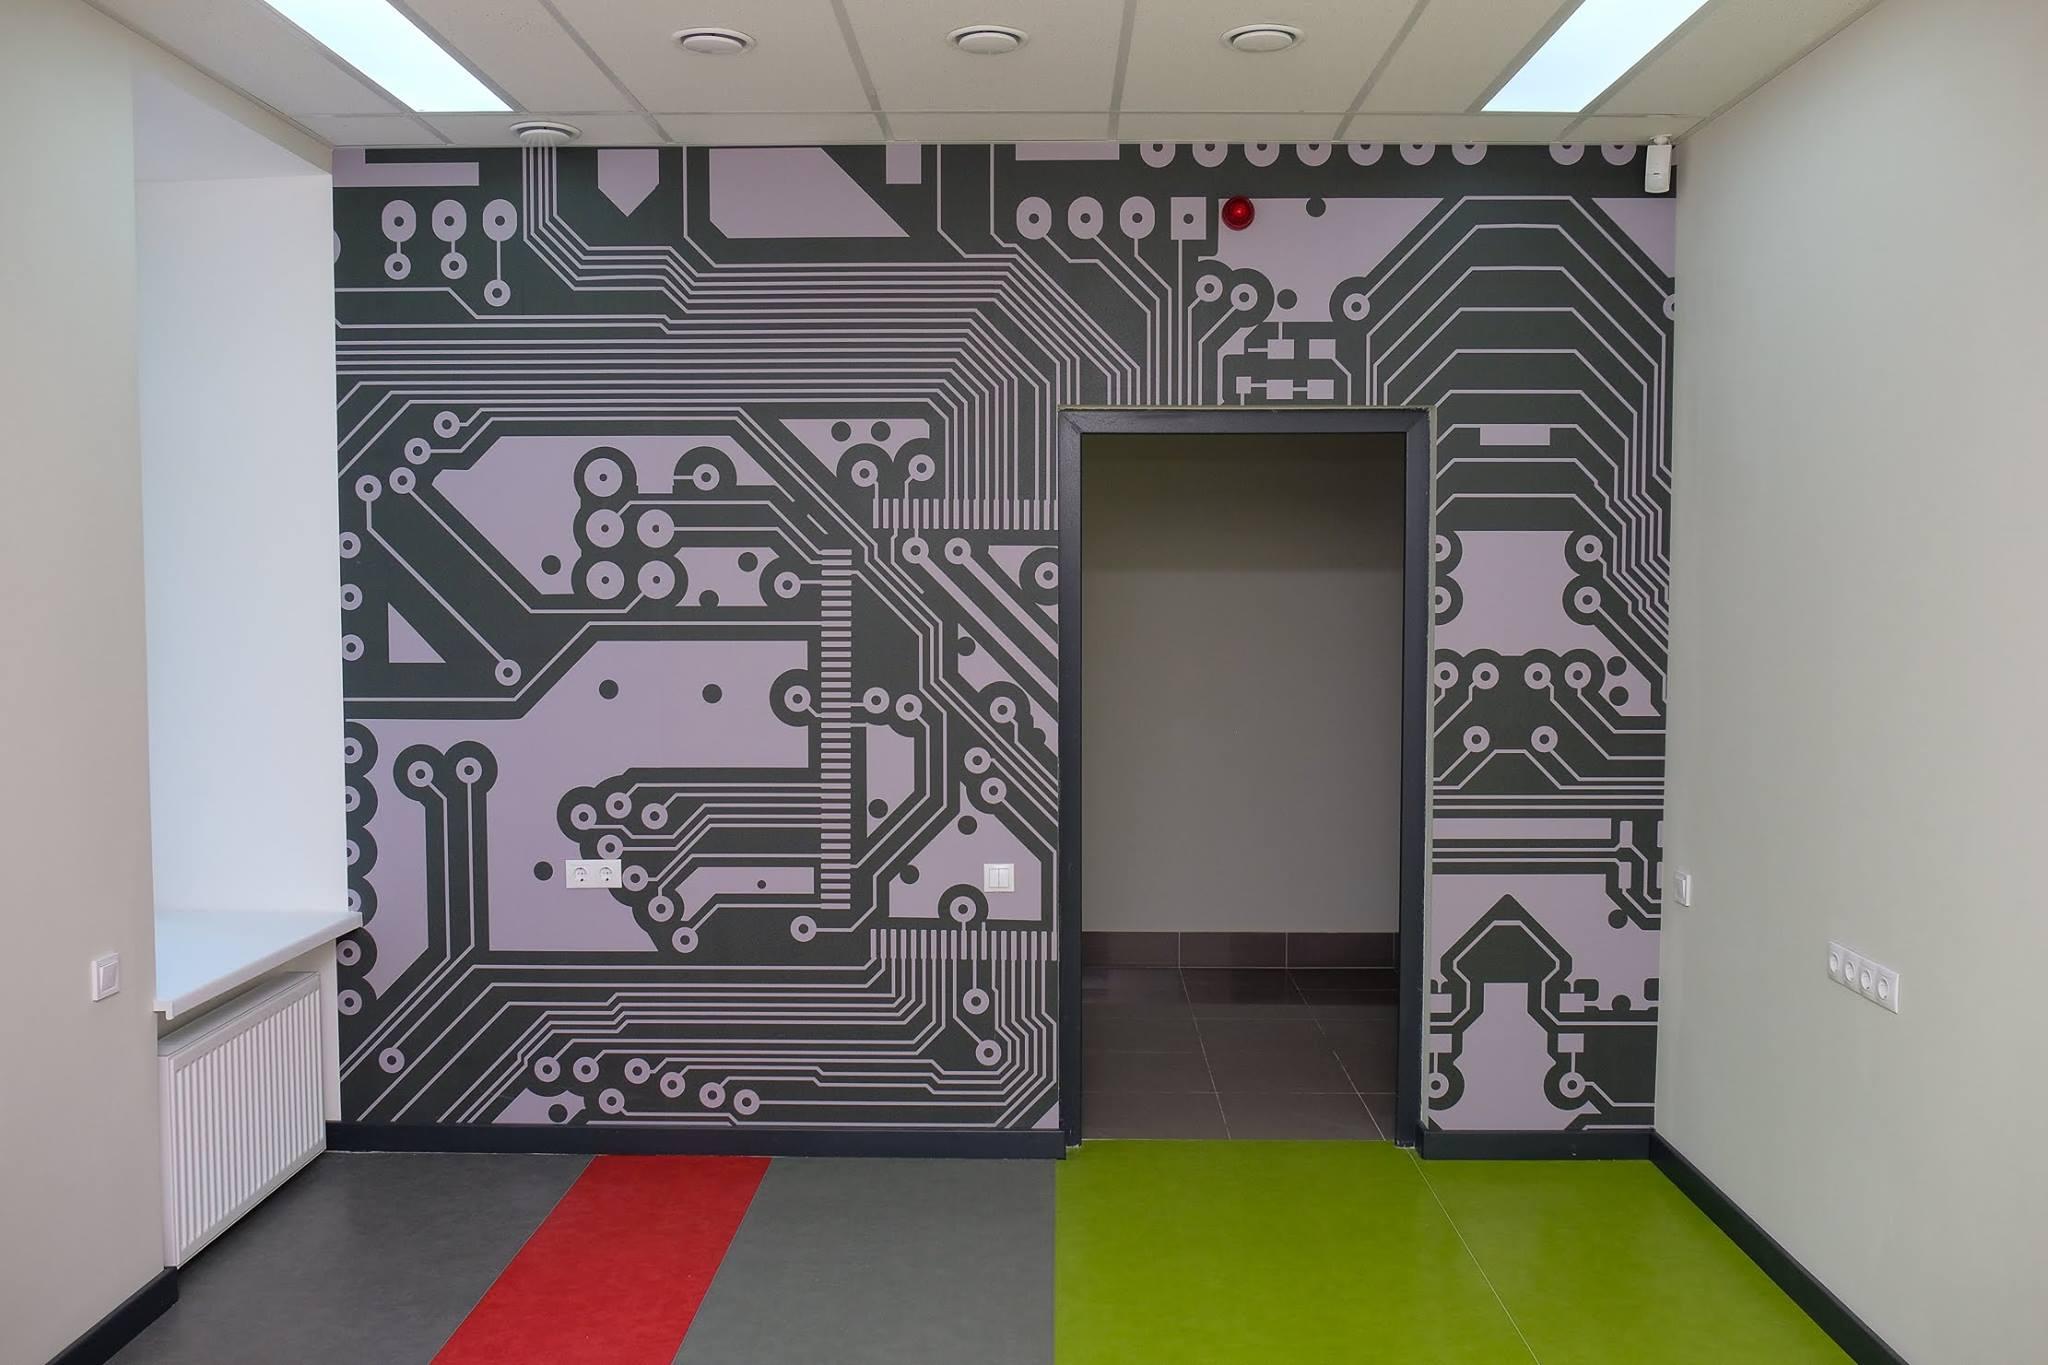 Школа робототехнике в Покрове